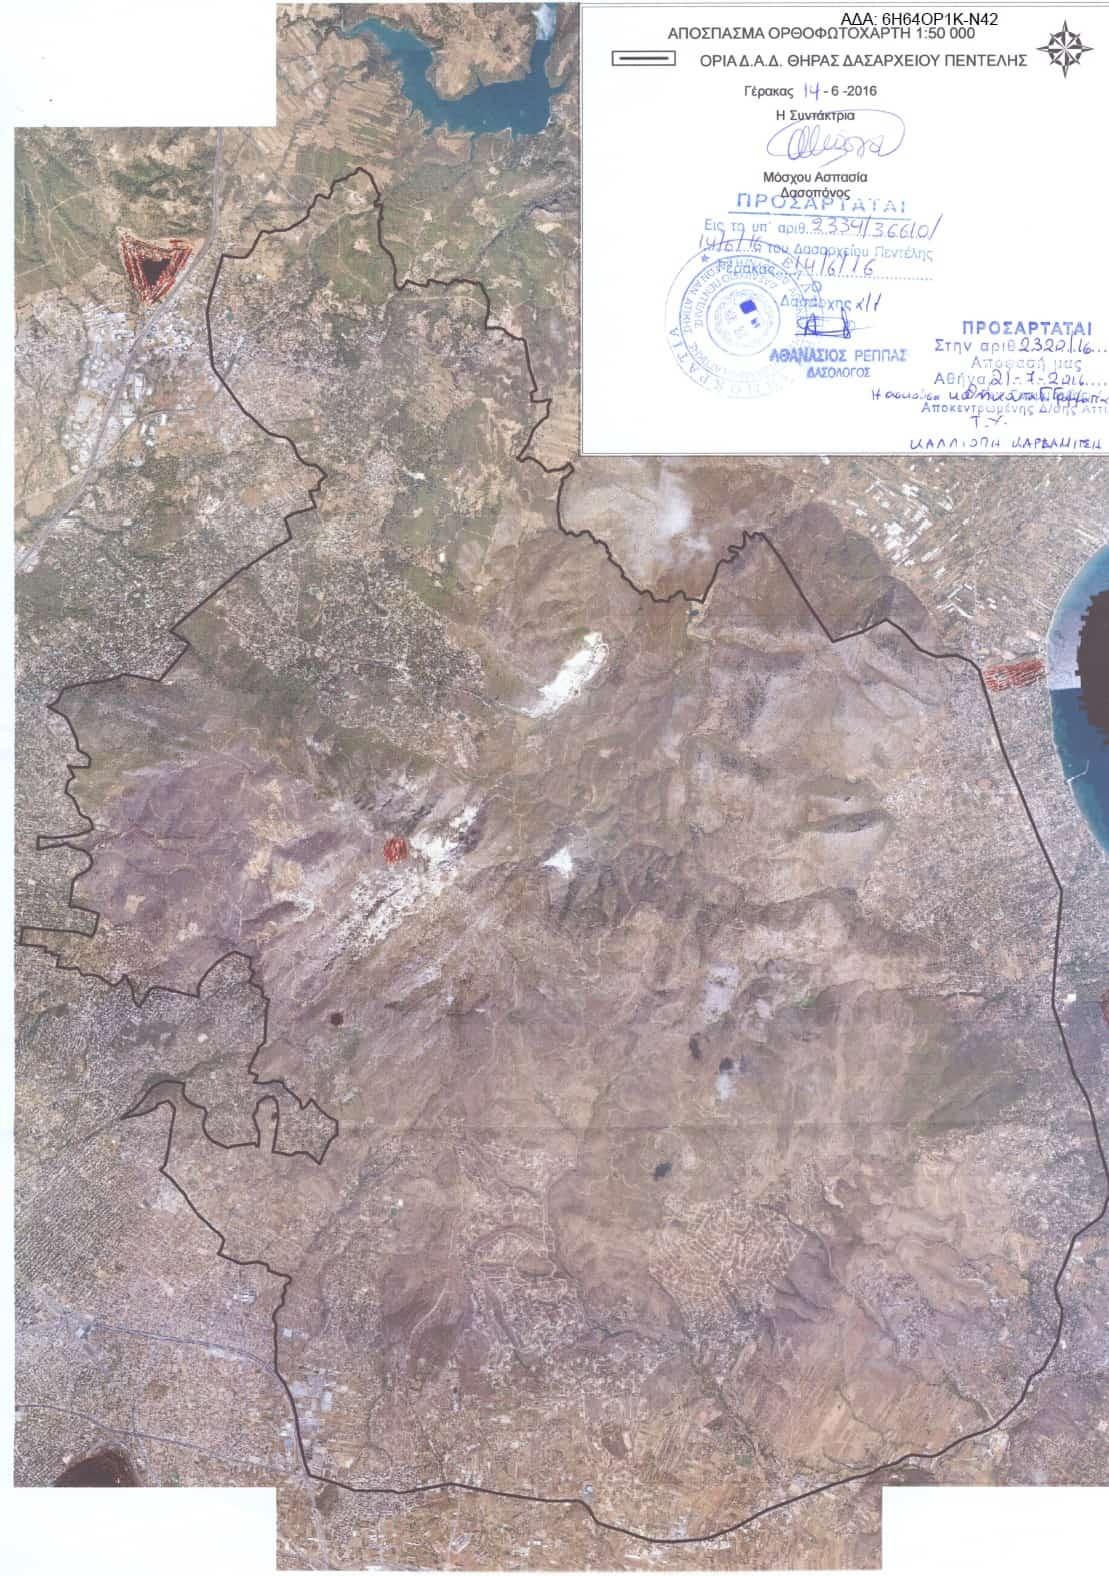 Απαγόρευση κυνηγίου ορισμένου χρόνου, σε περιοχές των Δήμων Διονύσου, Μαραθώνα, Κηφισιάς, Πεντέλης, Ραφήνας – Πικερμίου, Παλλήνης